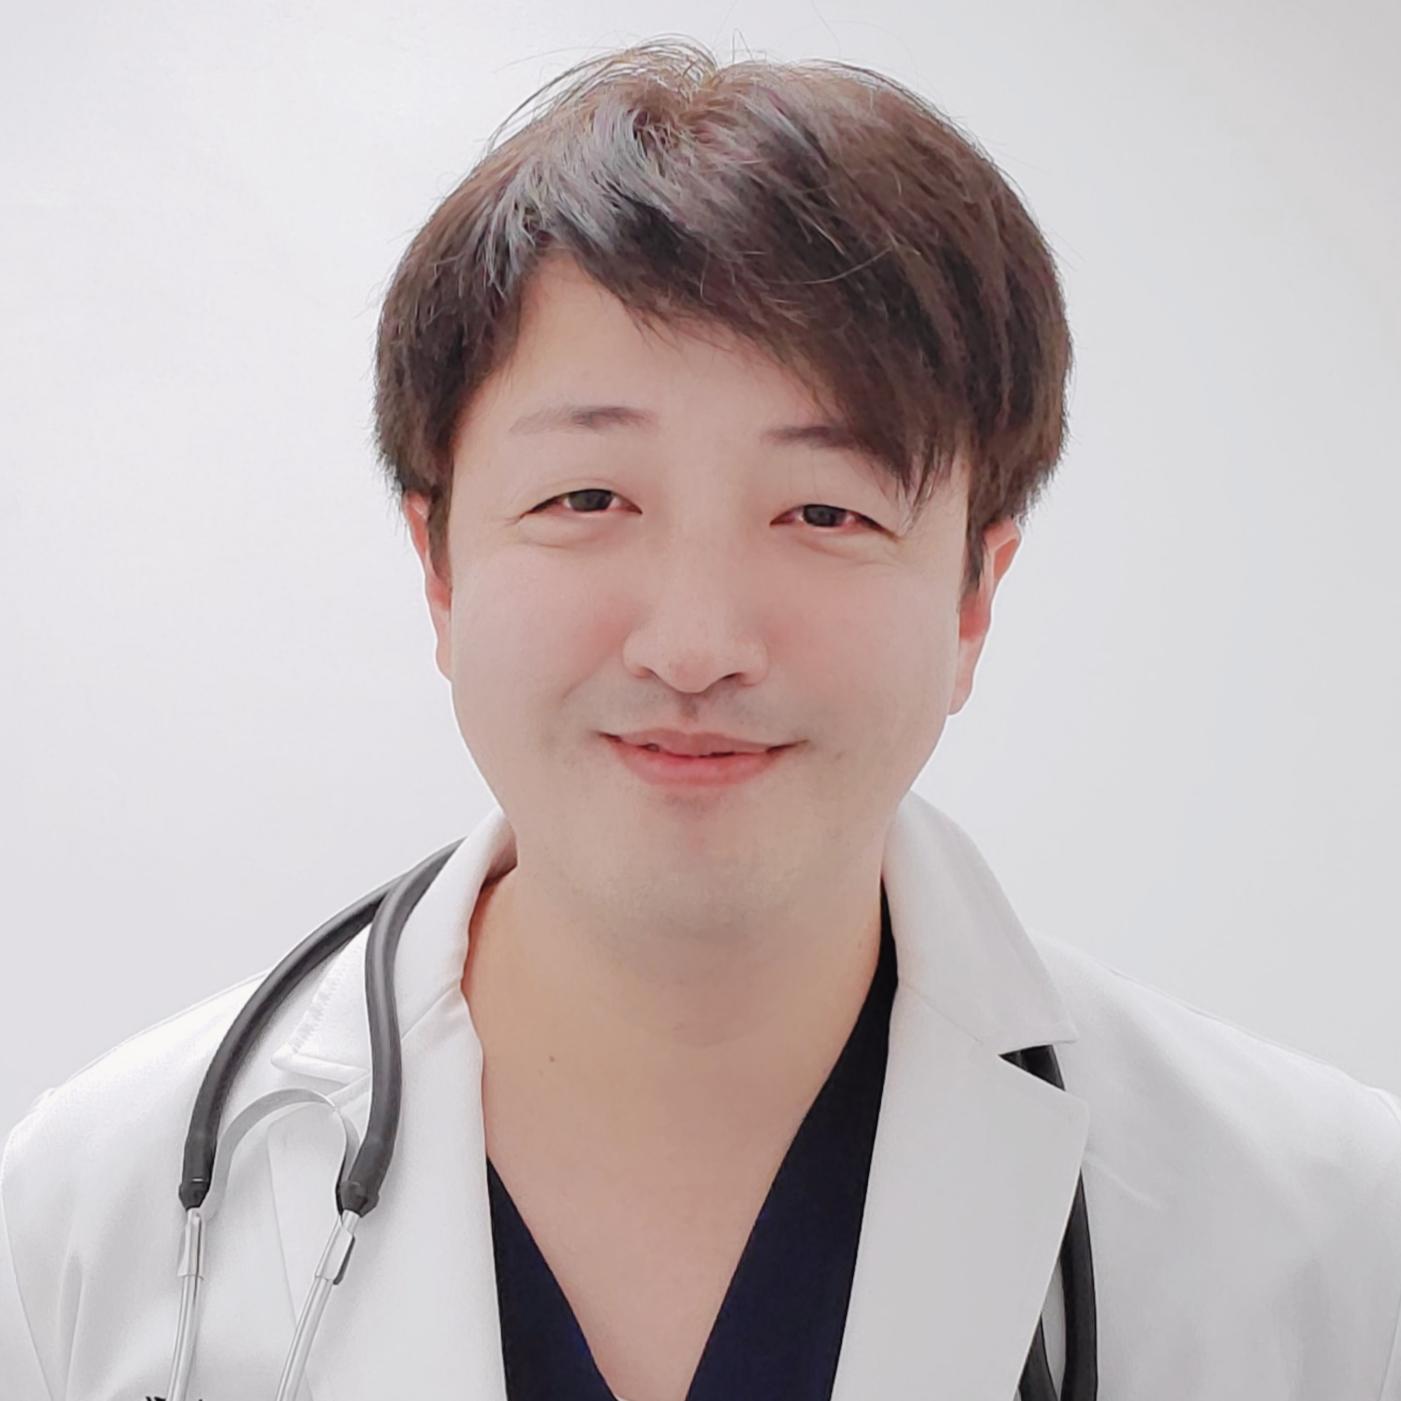 Dr. BARUCH KIM